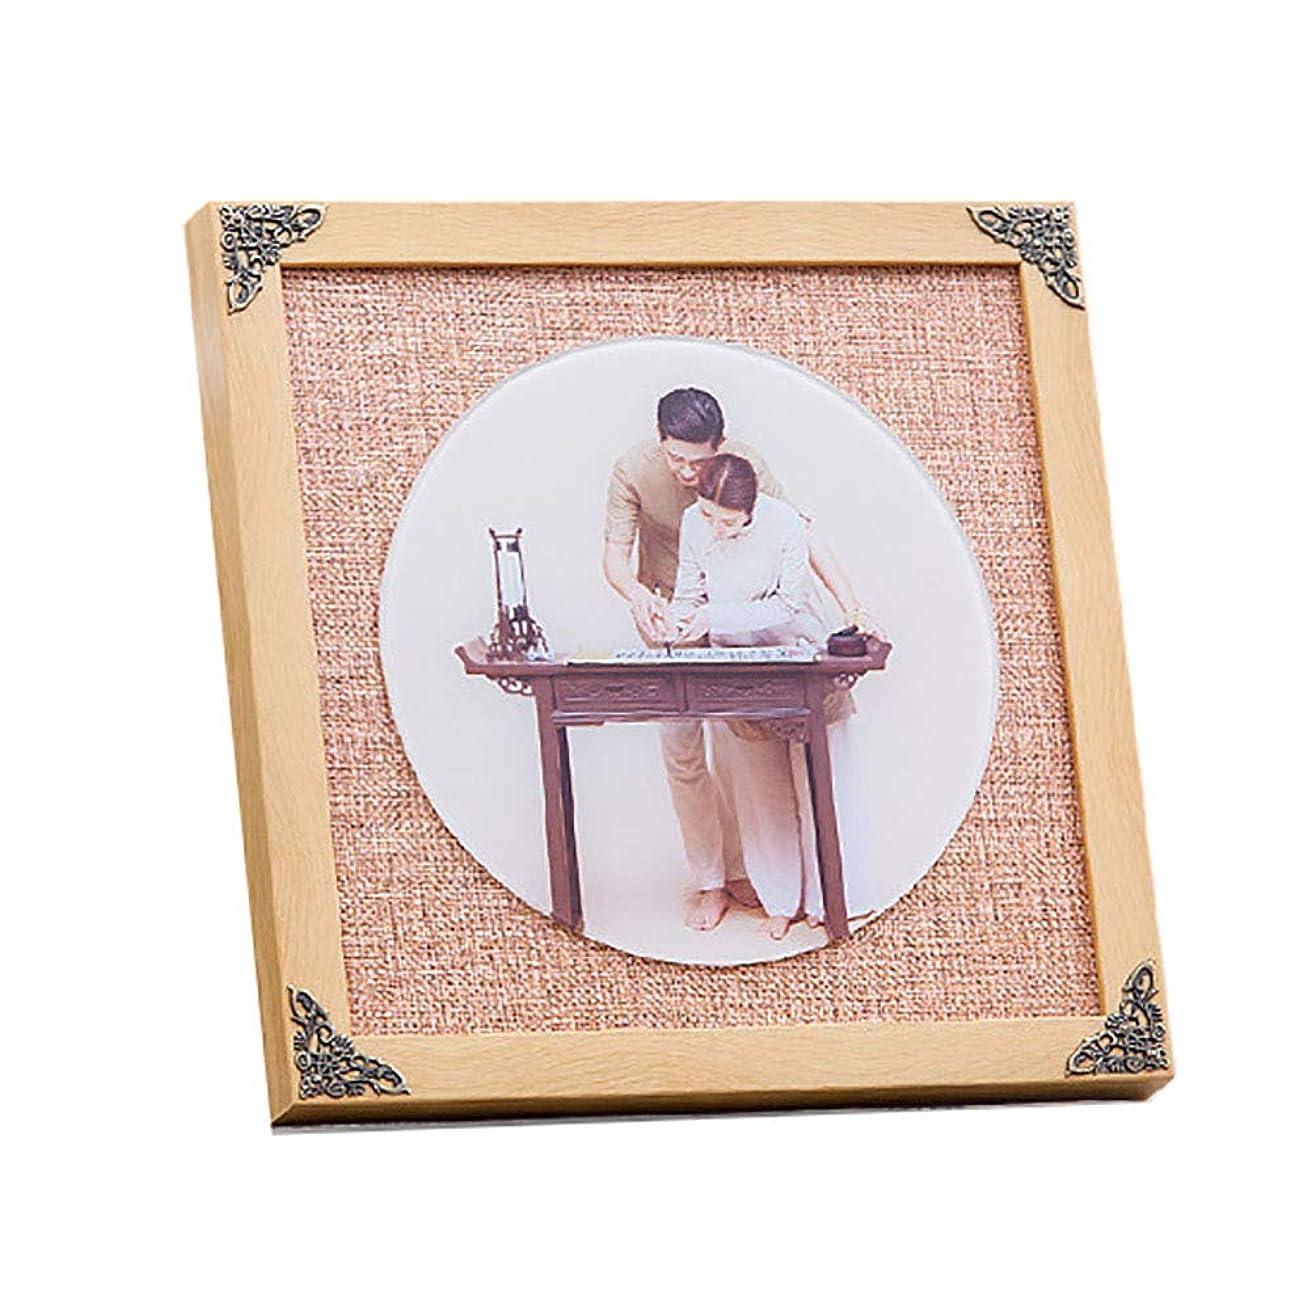 悲劇的な肉の故障サイズ28 * 28cmの衣装のガラスセットテーブル女性の正方形のフォトフレーム壁に取り付けられた氷の結晶のテーブル振り子の正方形の写真フレーム